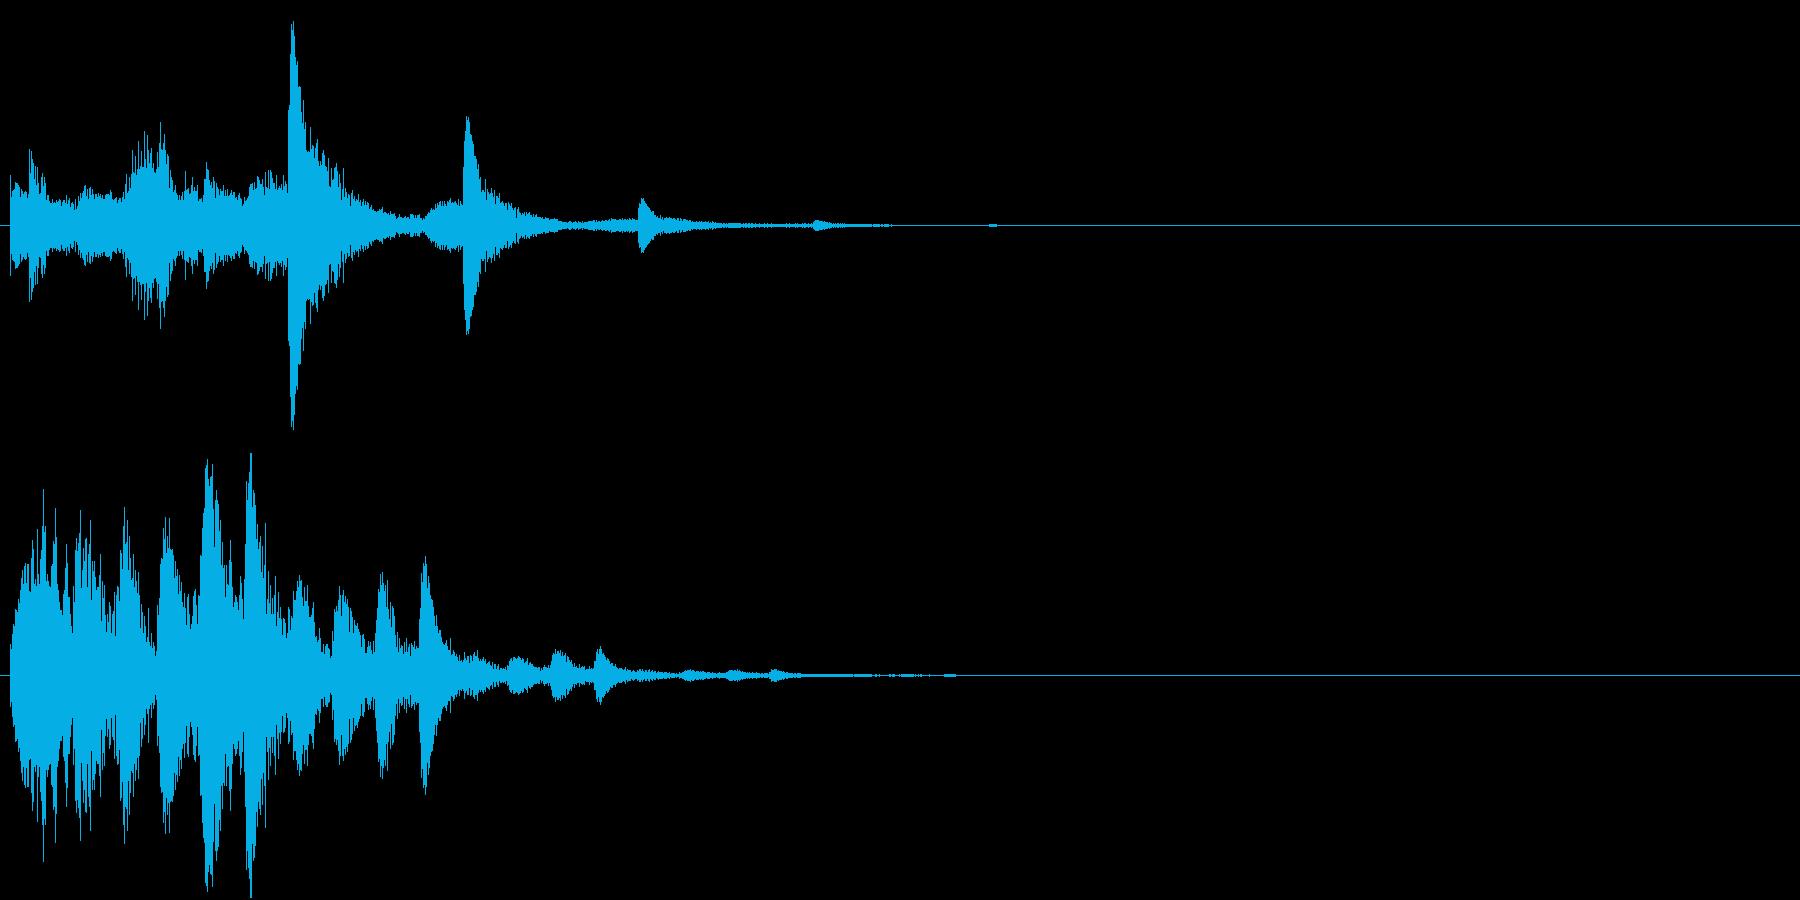 パラララパラランラン(パララン系装飾音)の再生済みの波形